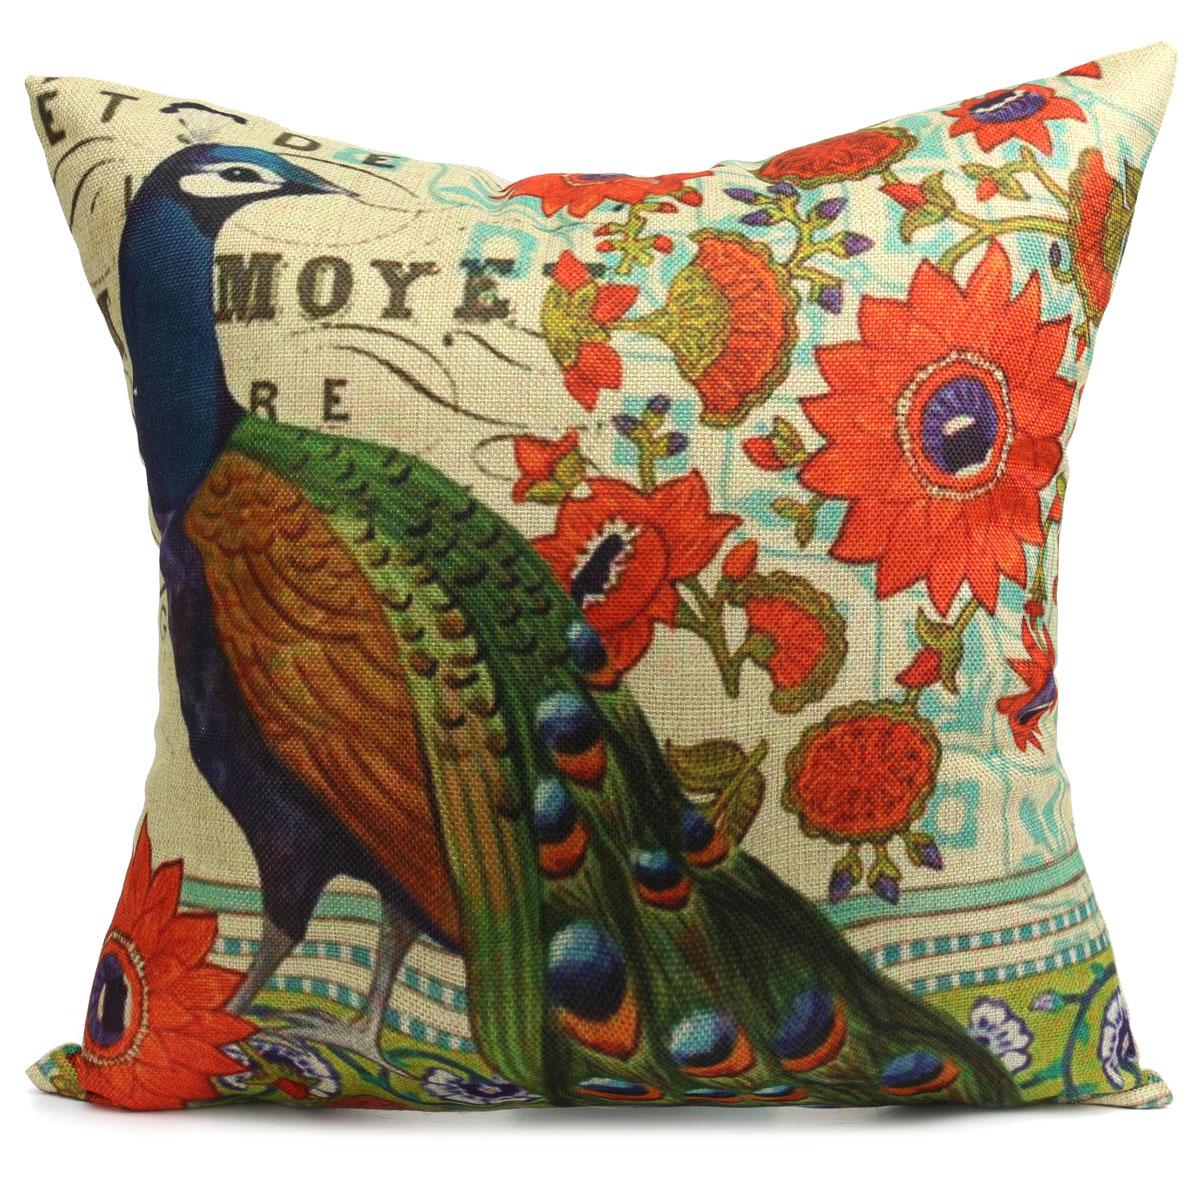 cotton linen car home decor peacock style pillowcase cushion